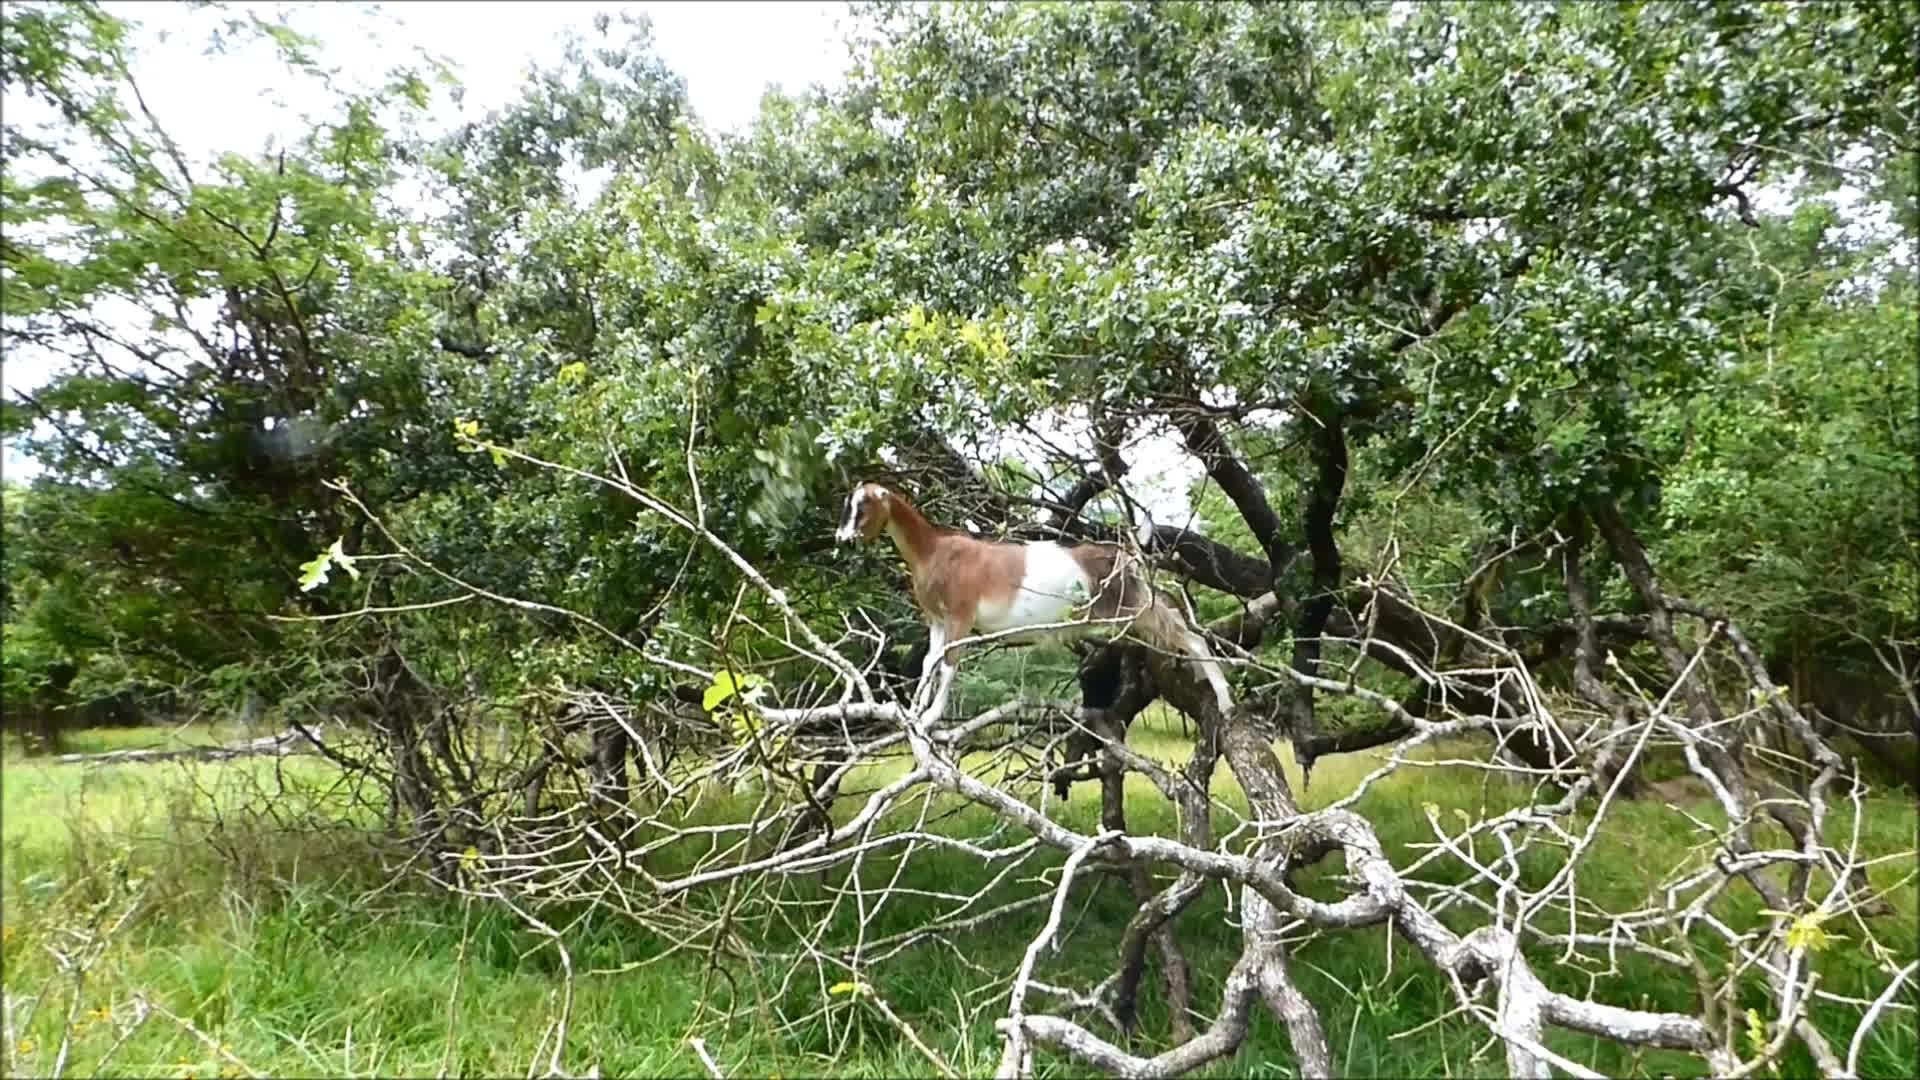 Goatparkour, dismount, goat, knsfarm, Graceful Dismount GIFs